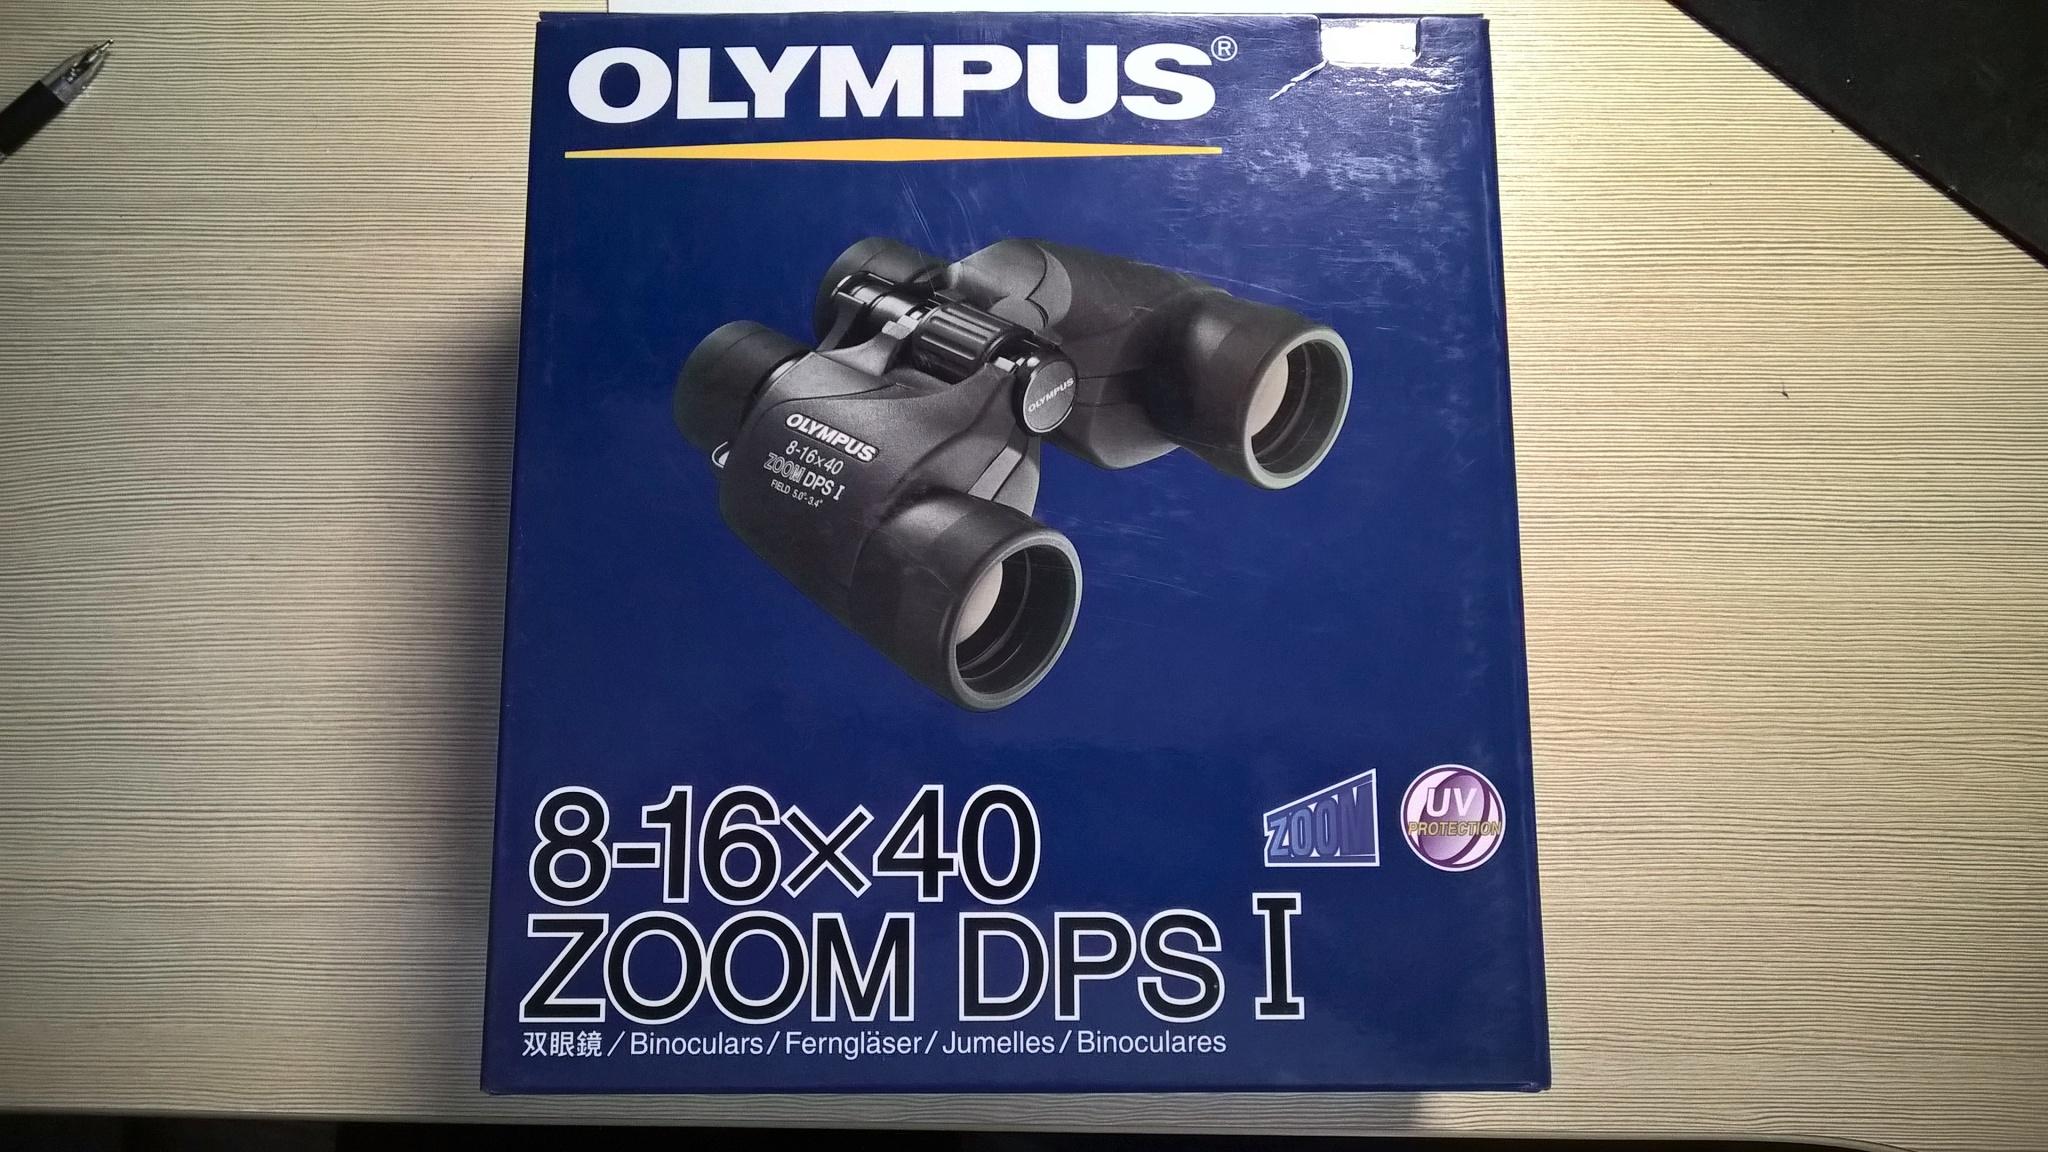 Fernglas olympus dps i: 10x42 exwp i profi ferngläser olympus